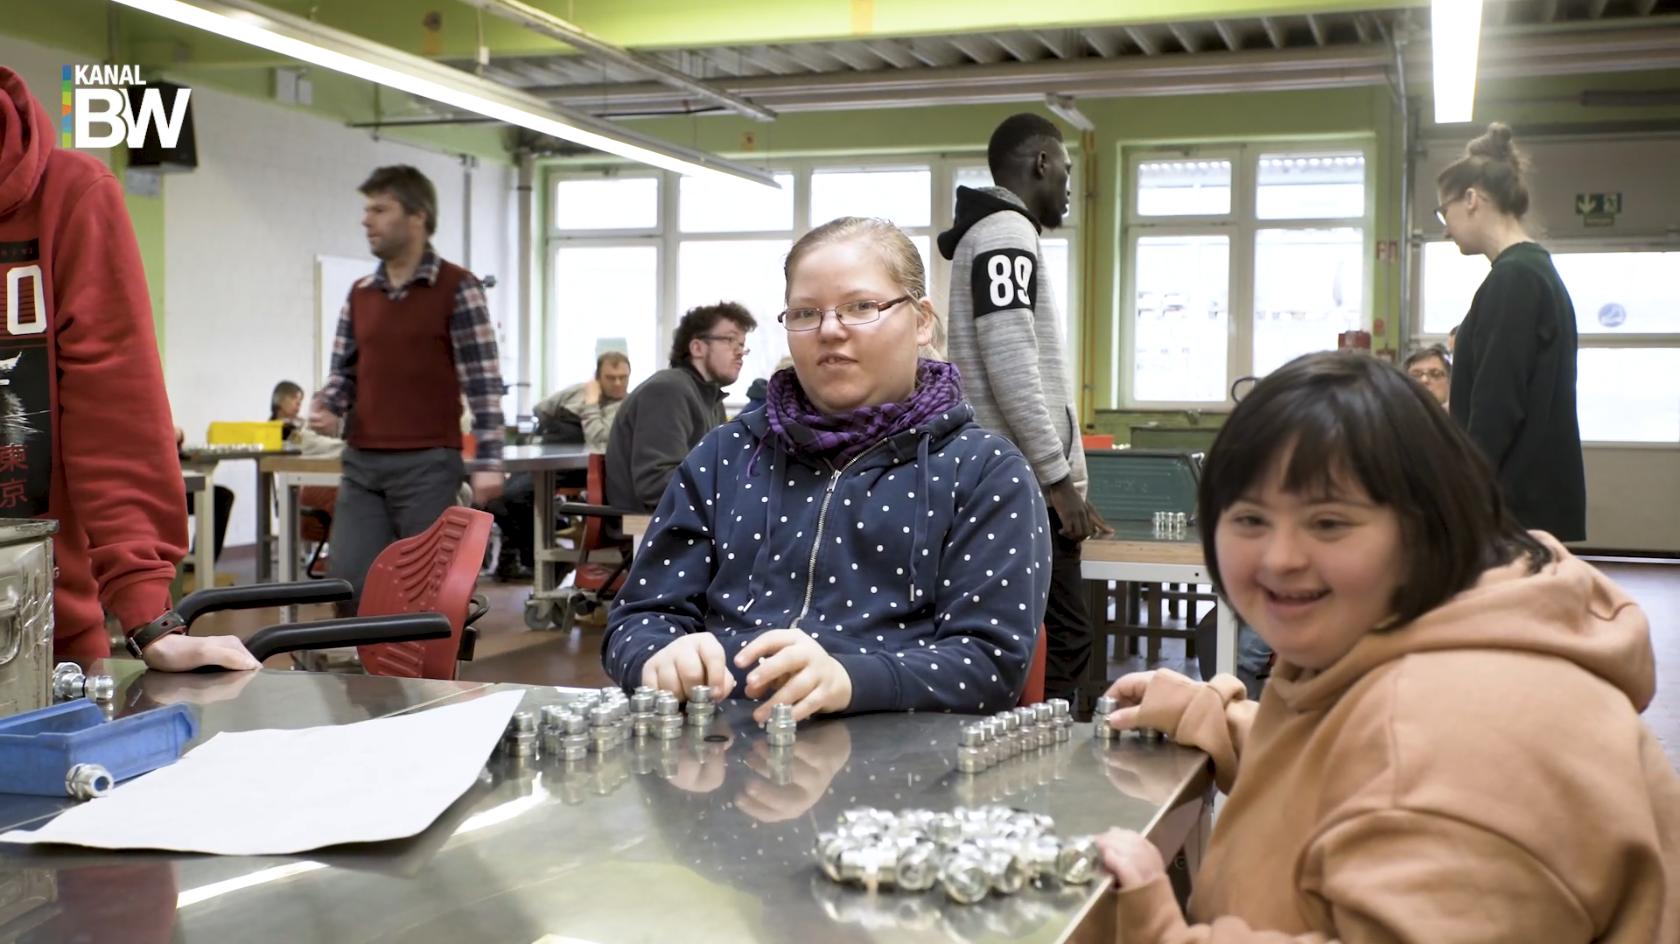 Menschen mit Behinderung arbeiten im Metallbereiche der Bonner Werkstätten